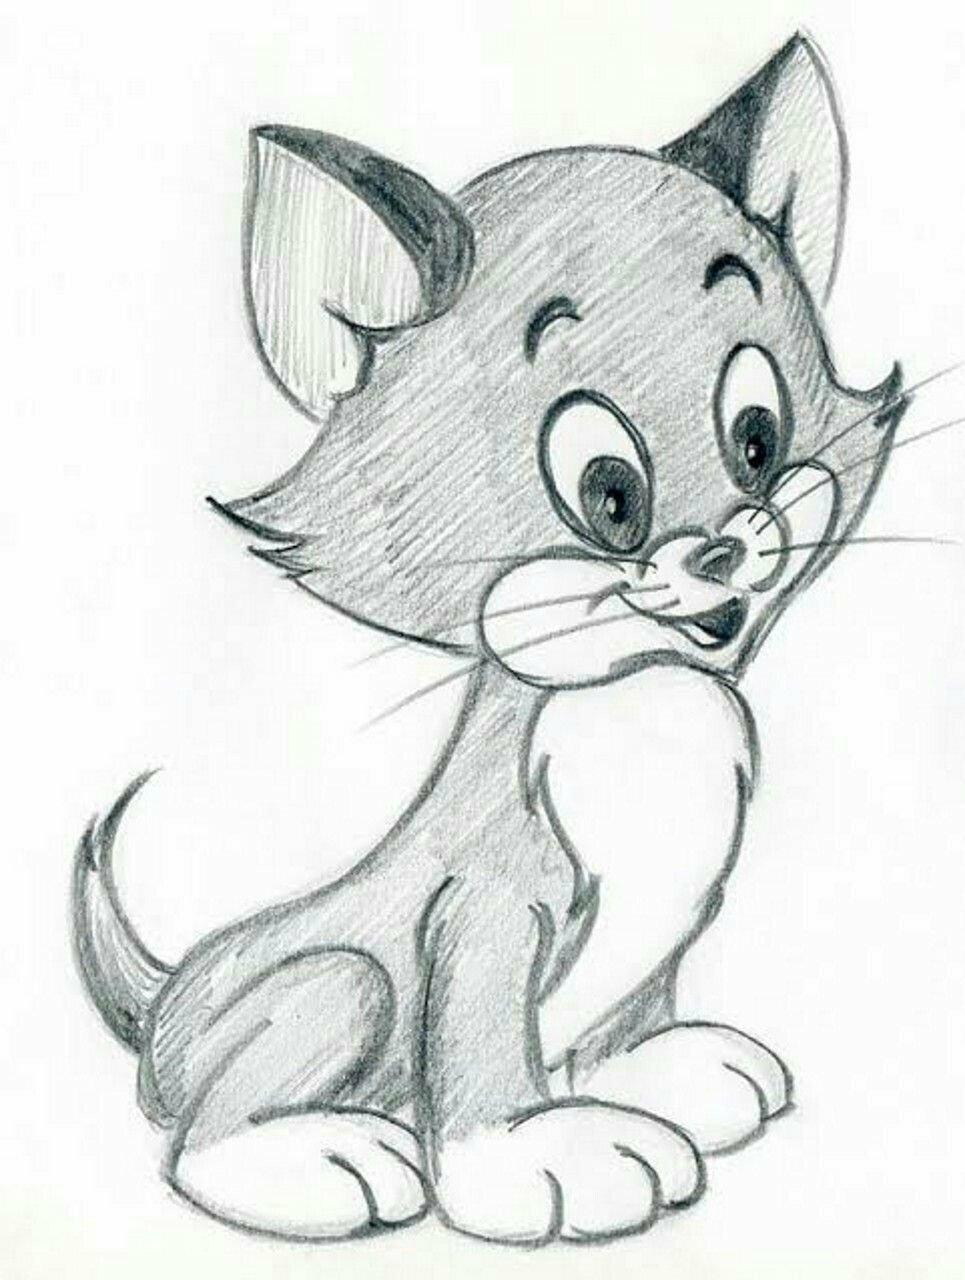 Прикольные рисунки животных карандашом для детей, день рождения внучке